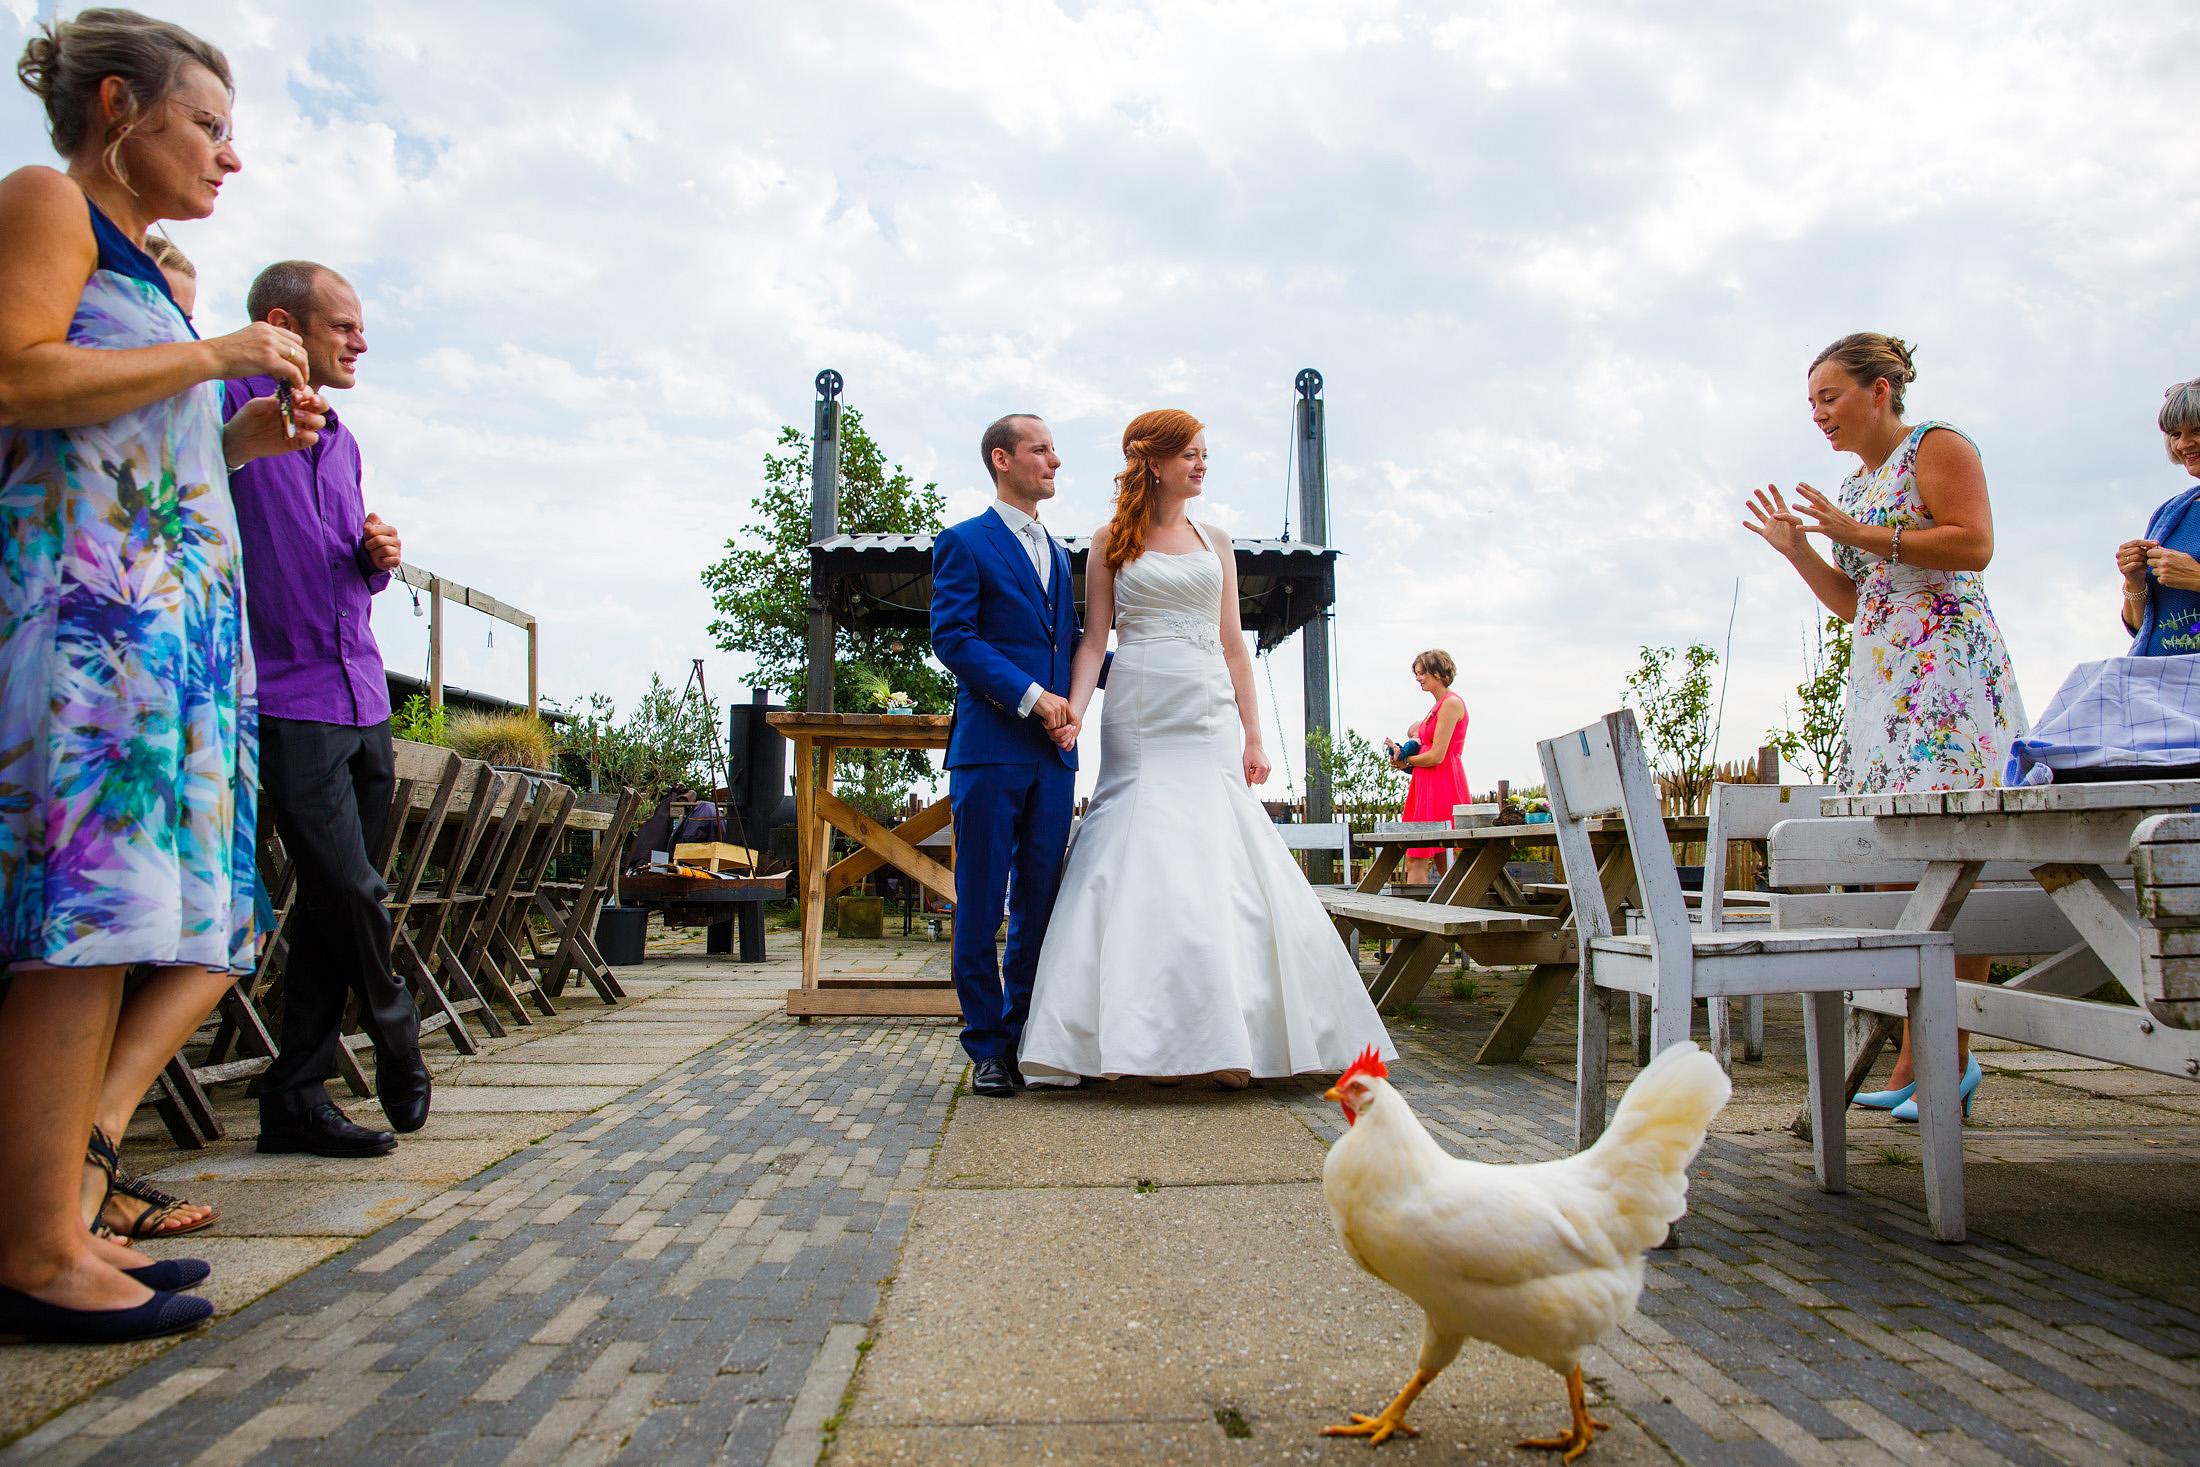 21-Bruiloft-Ceremonie